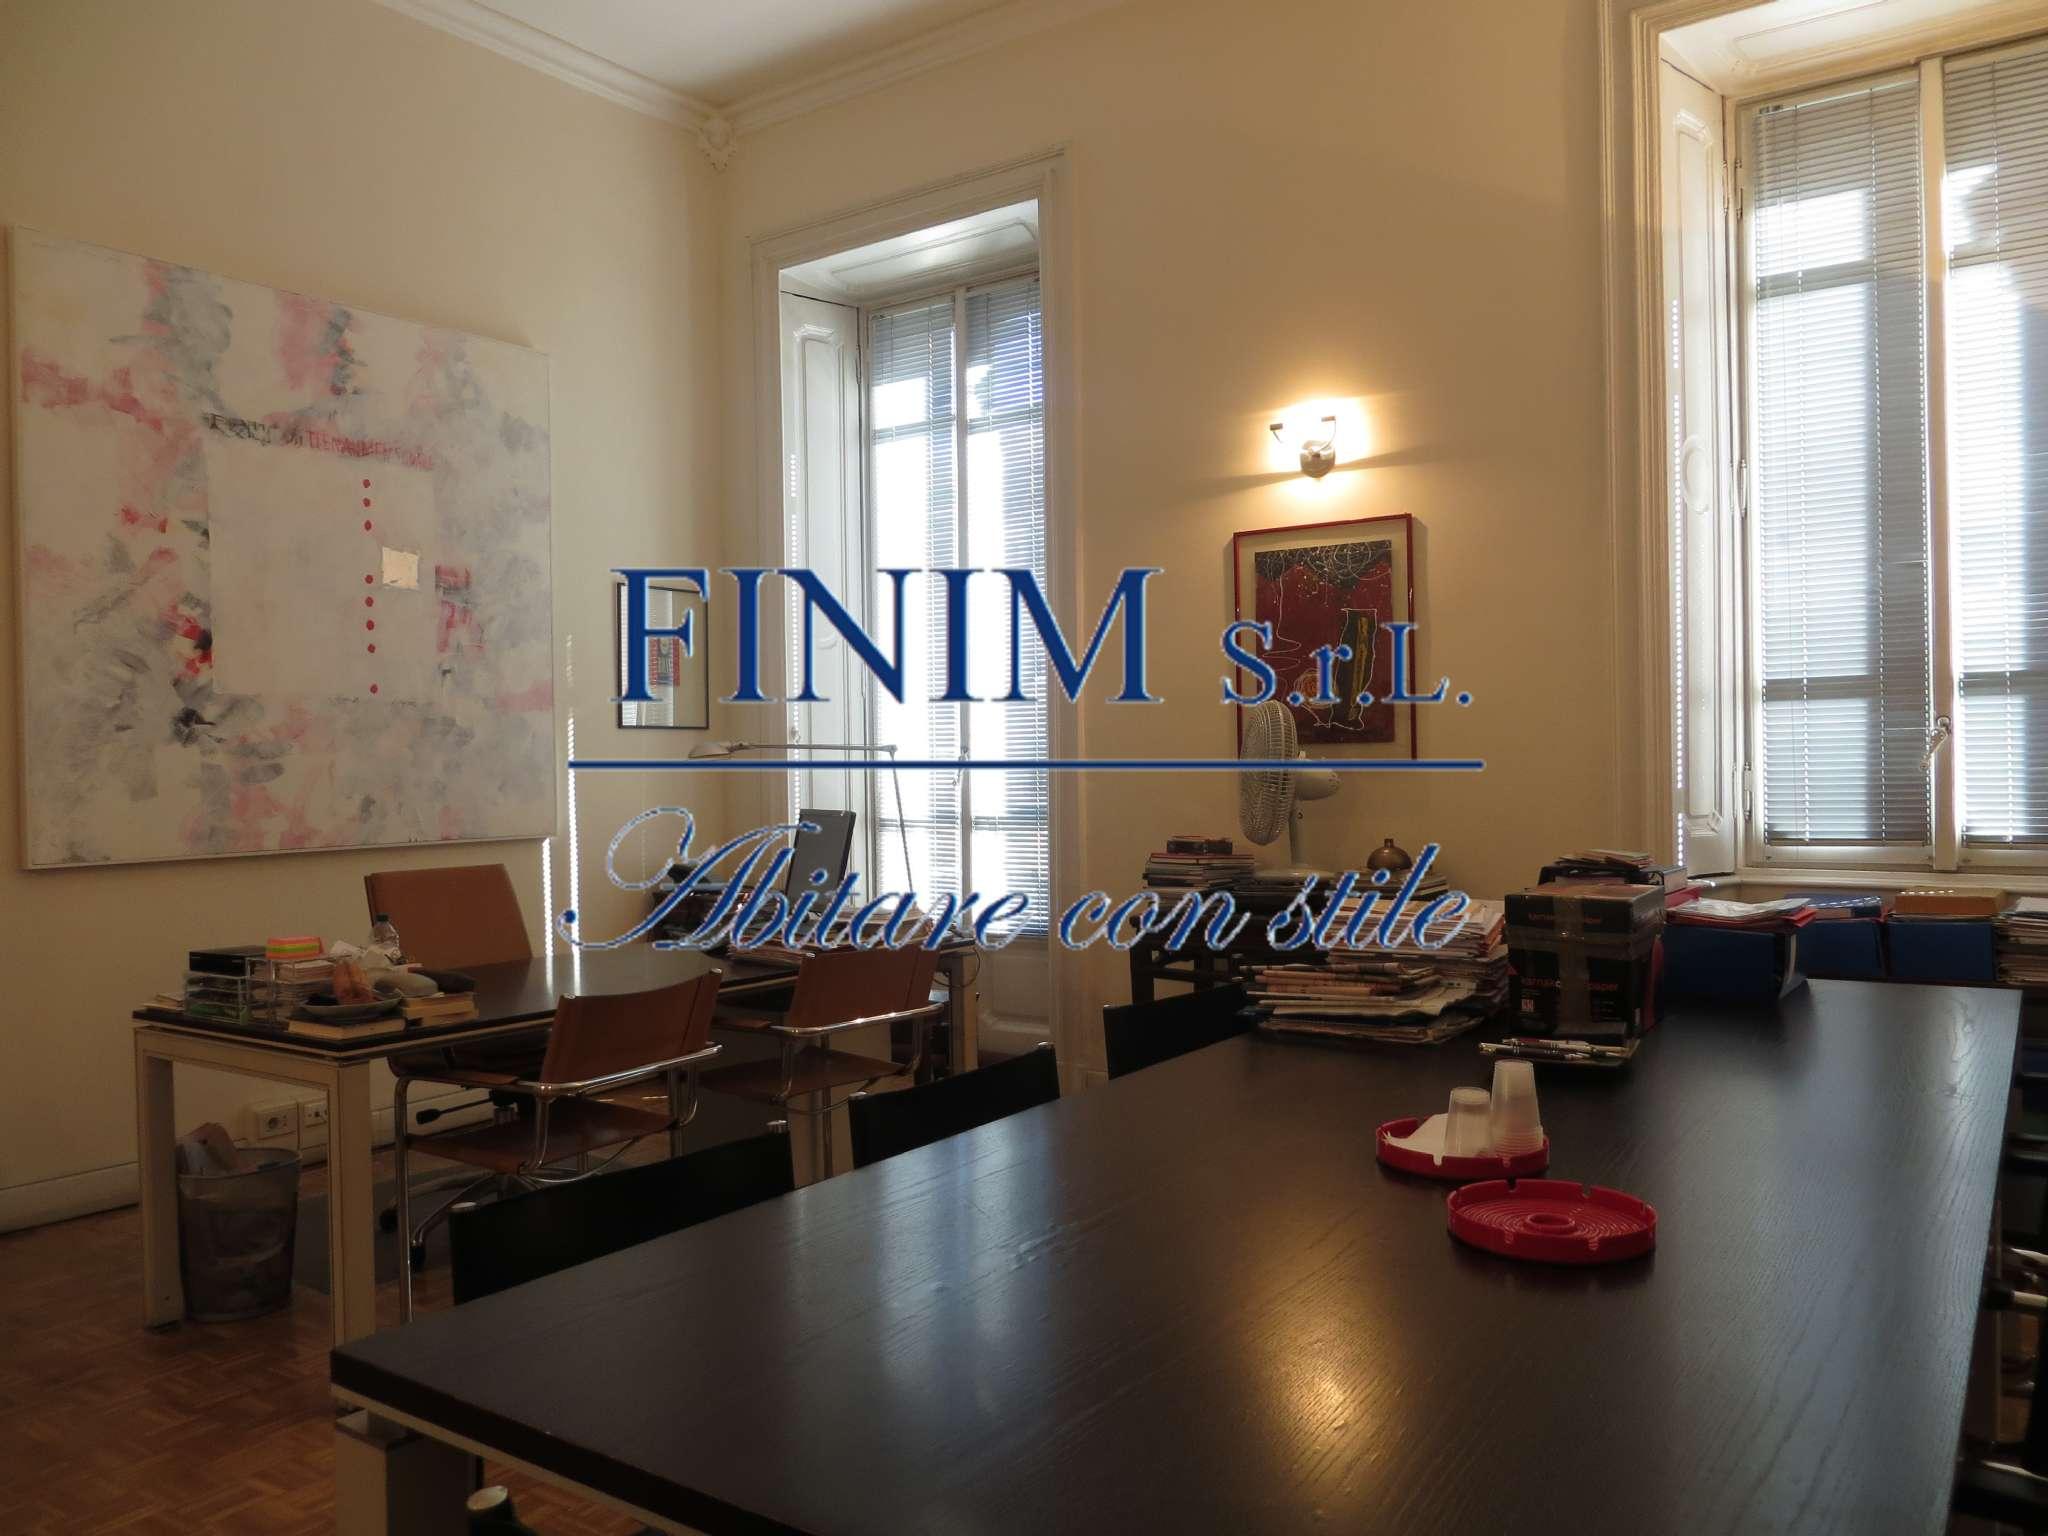 Ufficio-studio in Vendita a Milano 01 Centro storico (Cerchia dei Navigli): 2 locali, 90 mq